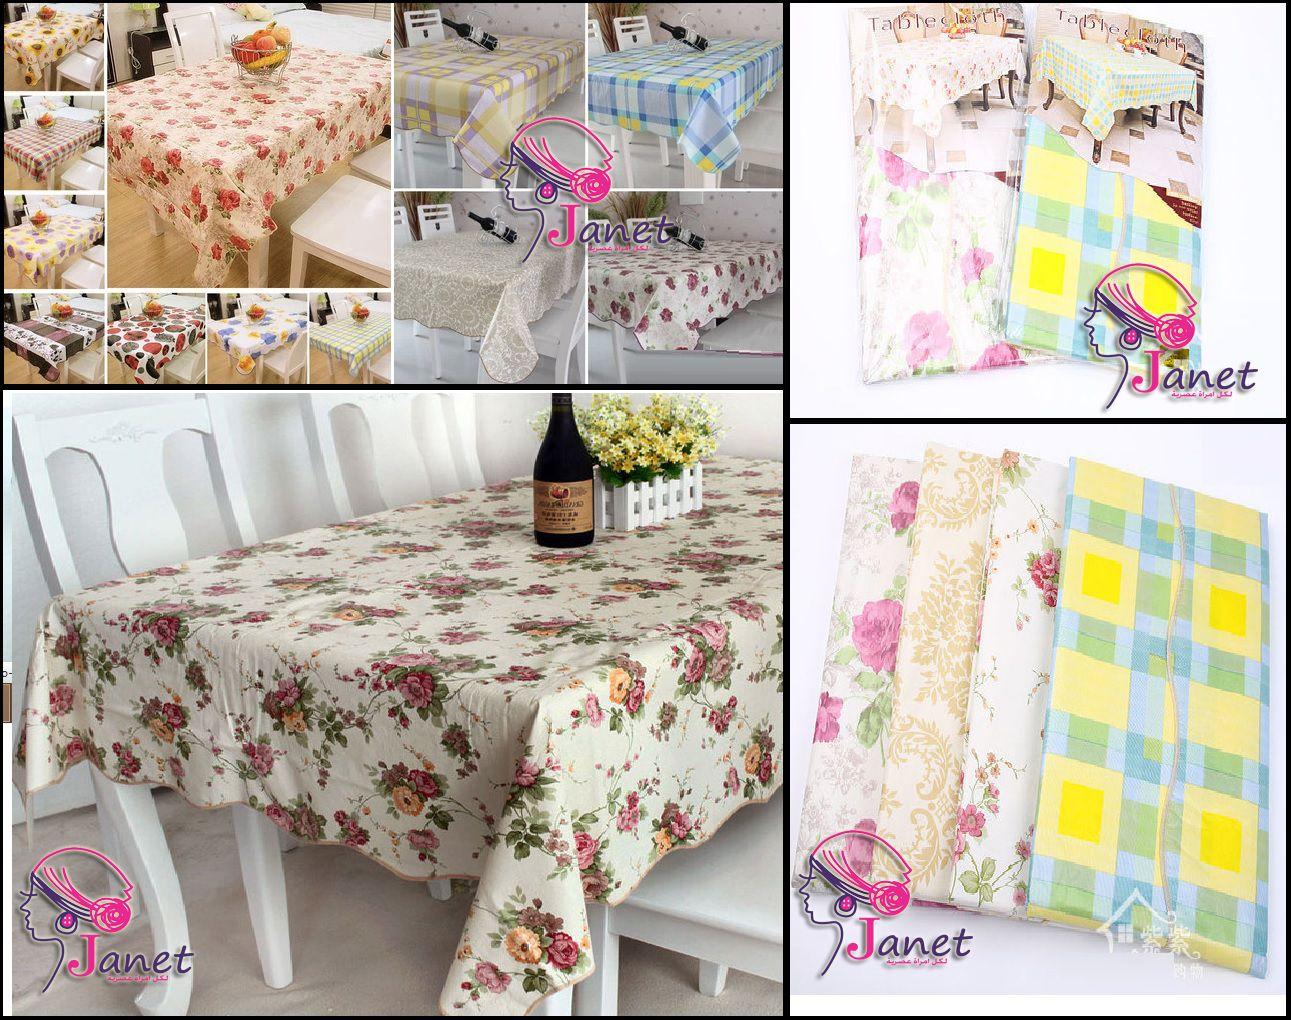 جودة عالية الكتان الطبيعي طاولة الطعام قماش مستطيل يقدر وقت التسليم 5 15 أيام Us 45 Table Cloth Table Bed